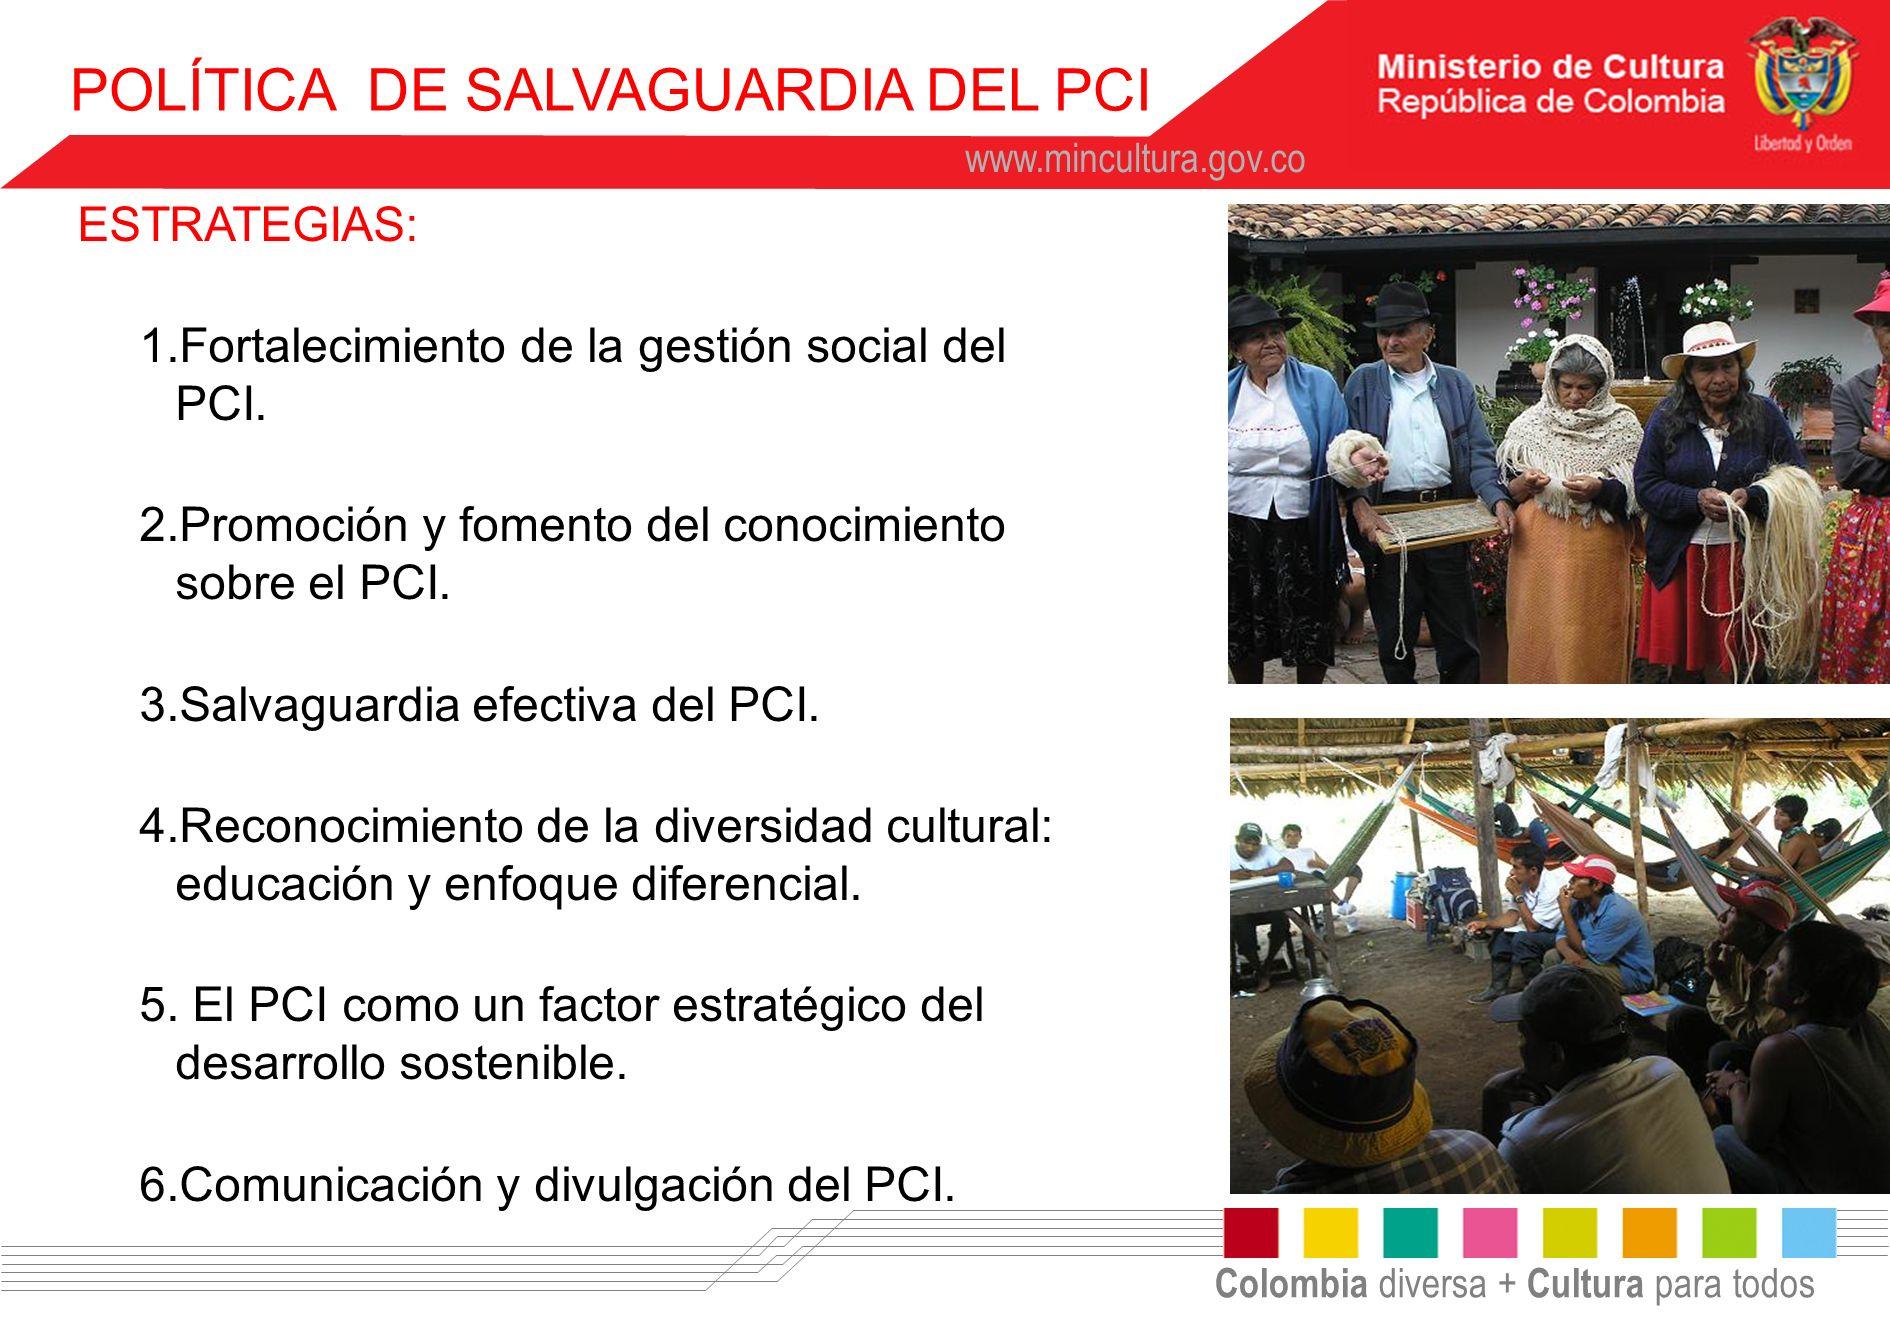 POLÍTICA DE SALVAGUARDIA DEL PCI